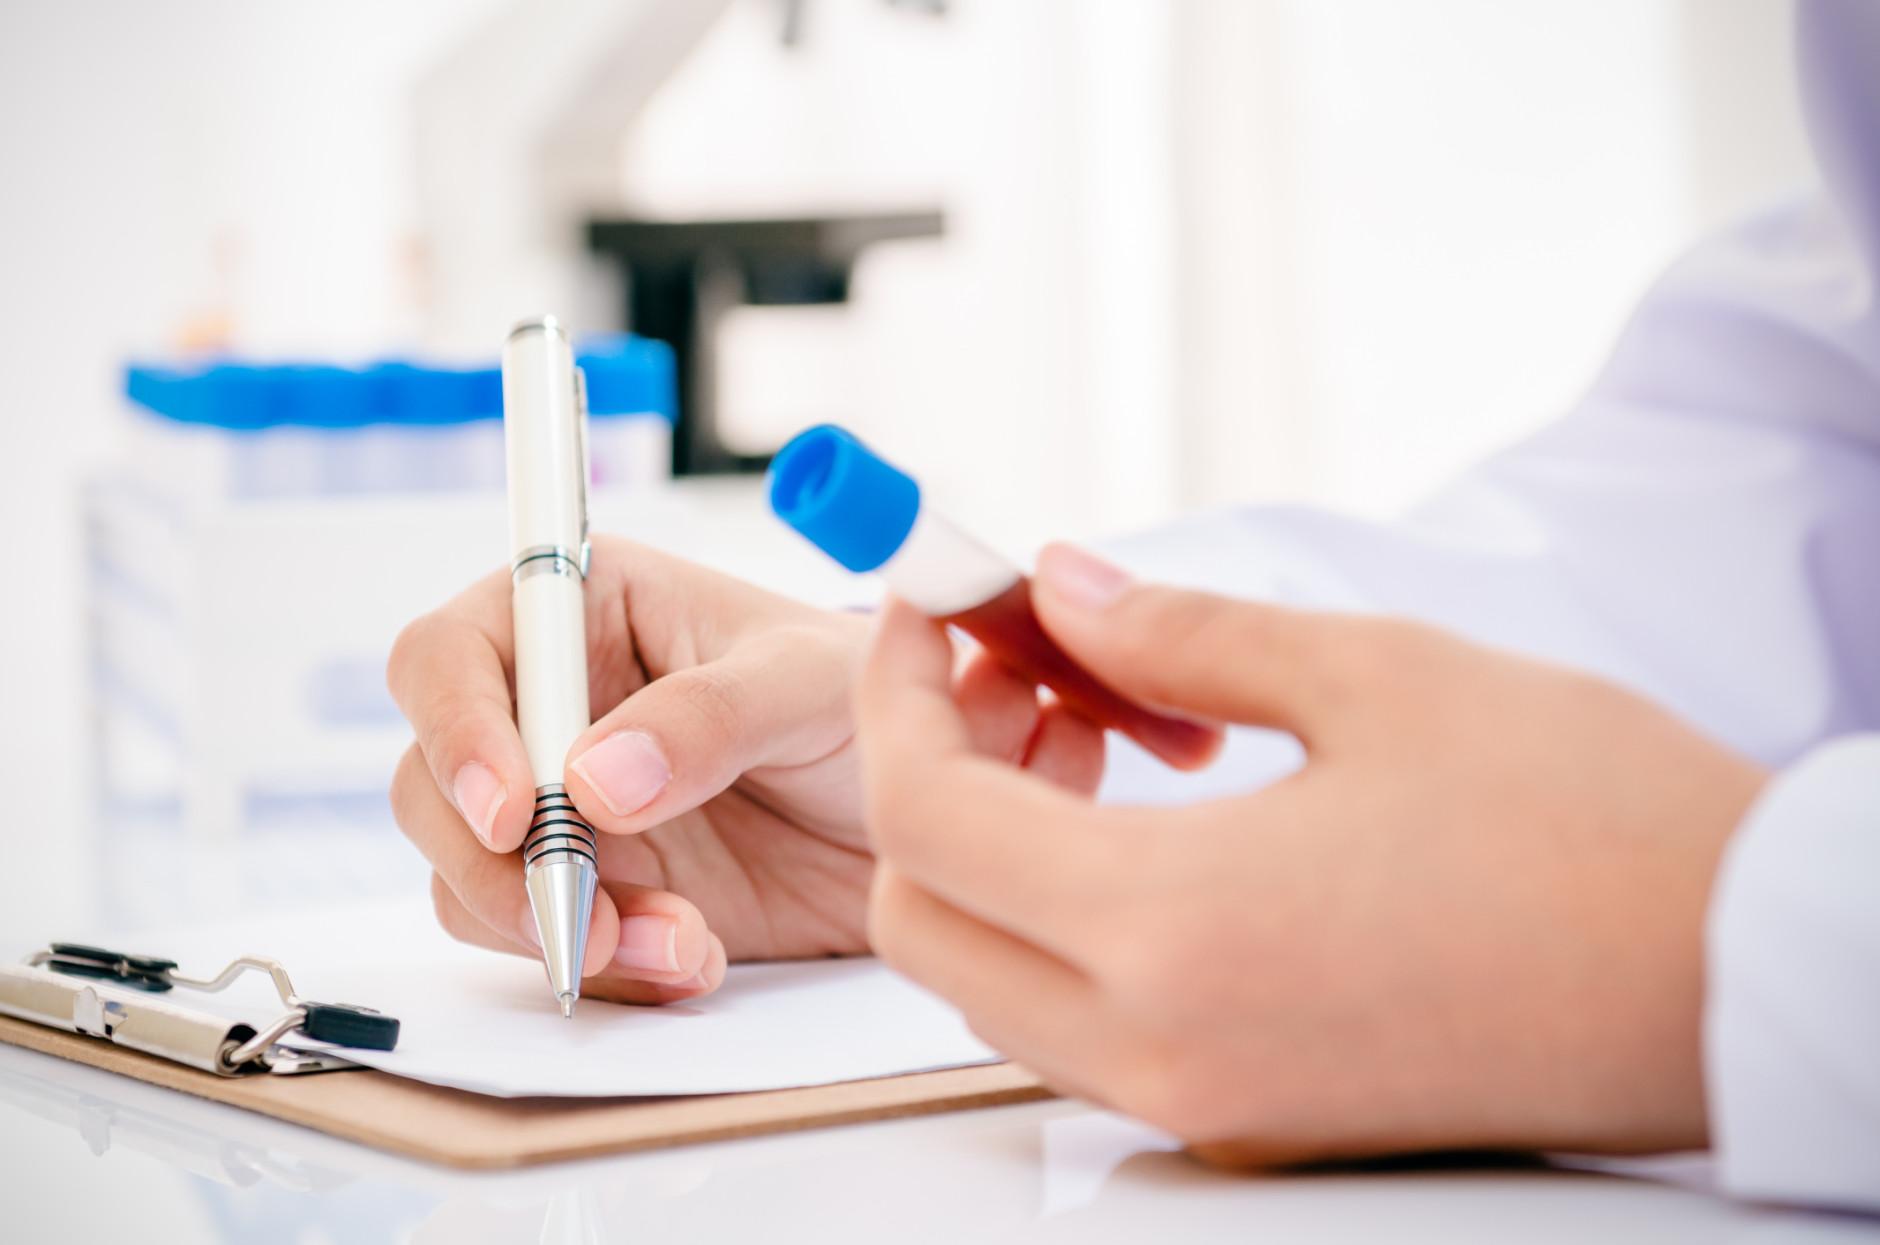 انسولین هورمونی است که توسط سلول های بتا در لوزالمعده و یا پانکراس ترشح می شود